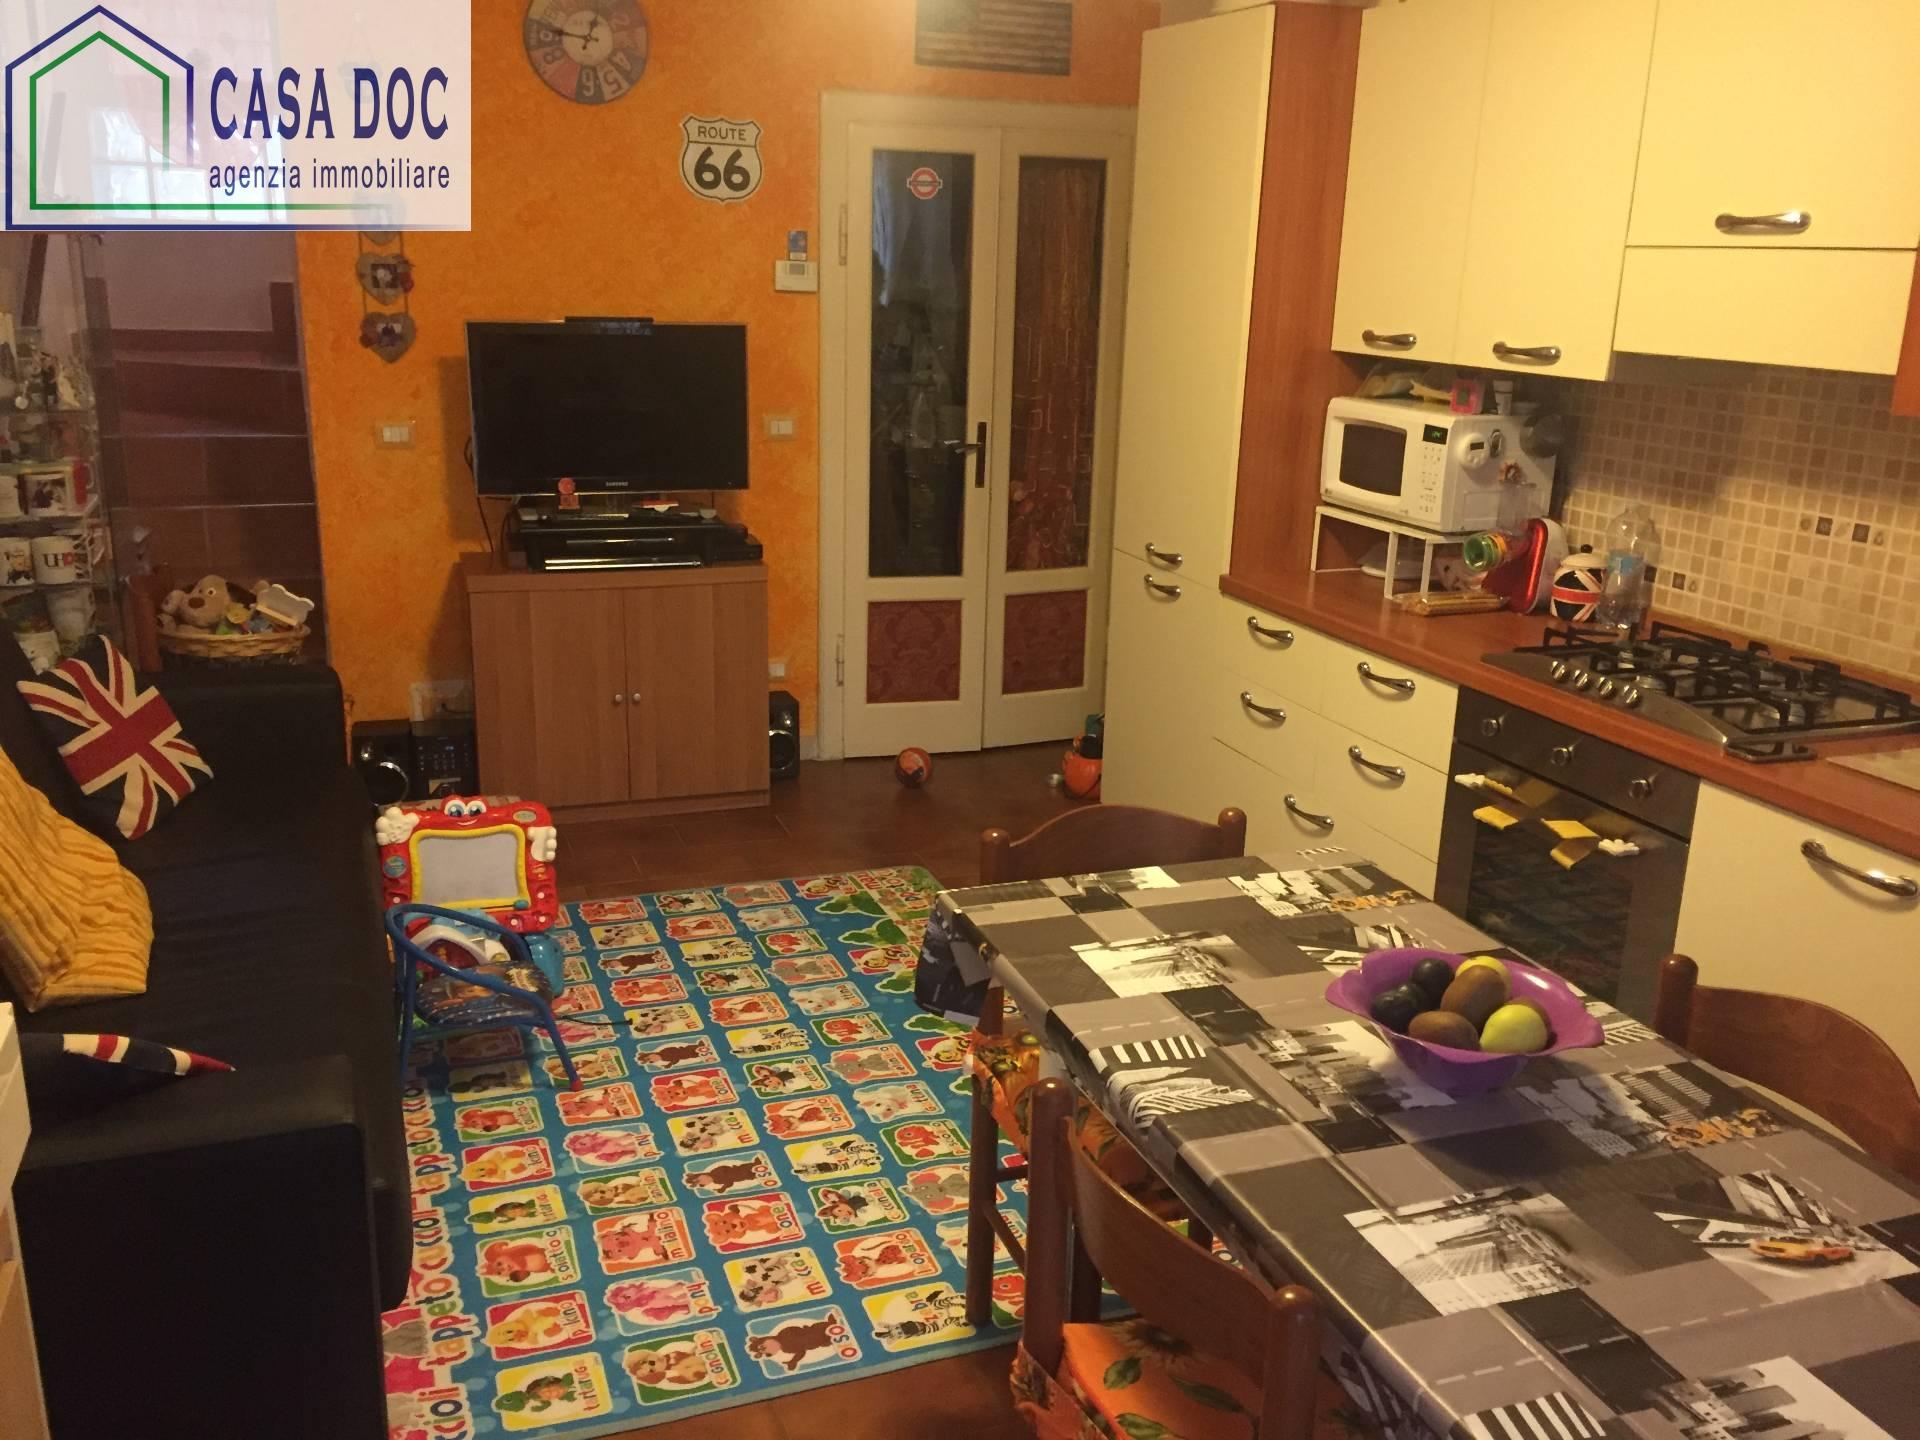 Appartamento in vendita a Marzano, 2 locali, prezzo € 43.000 | Cambio Casa.it